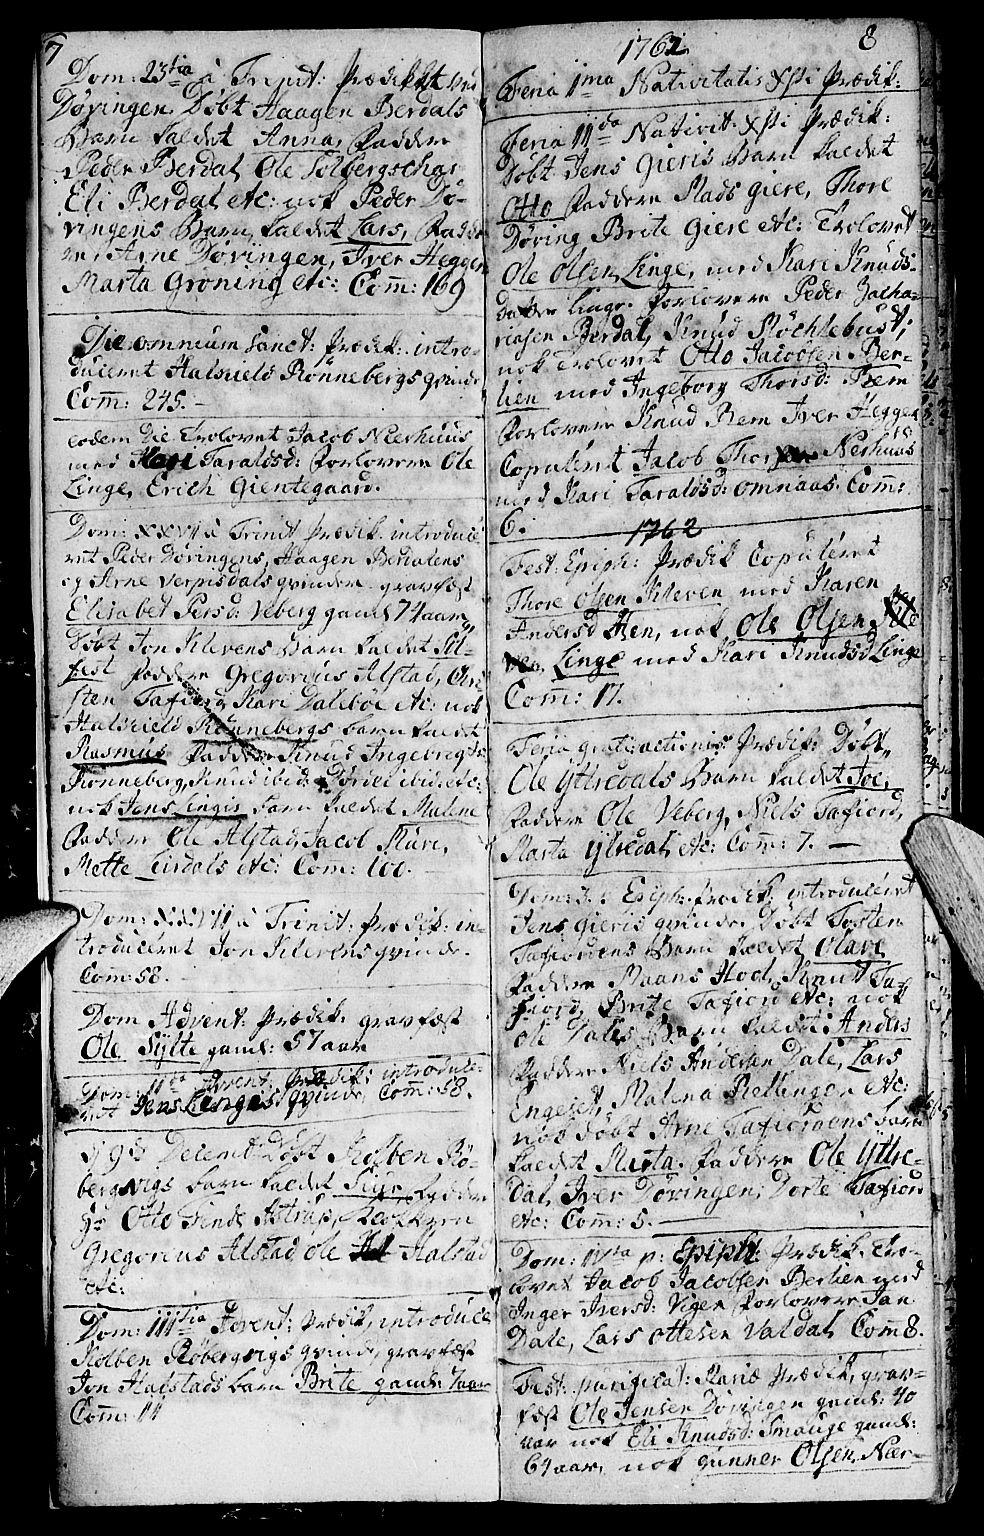 SAT, Ministerialprotokoller, klokkerbøker og fødselsregistre - Møre og Romsdal, 519/L0243: Parish register (official) no. 519A02, 1760-1770, p. 7-8